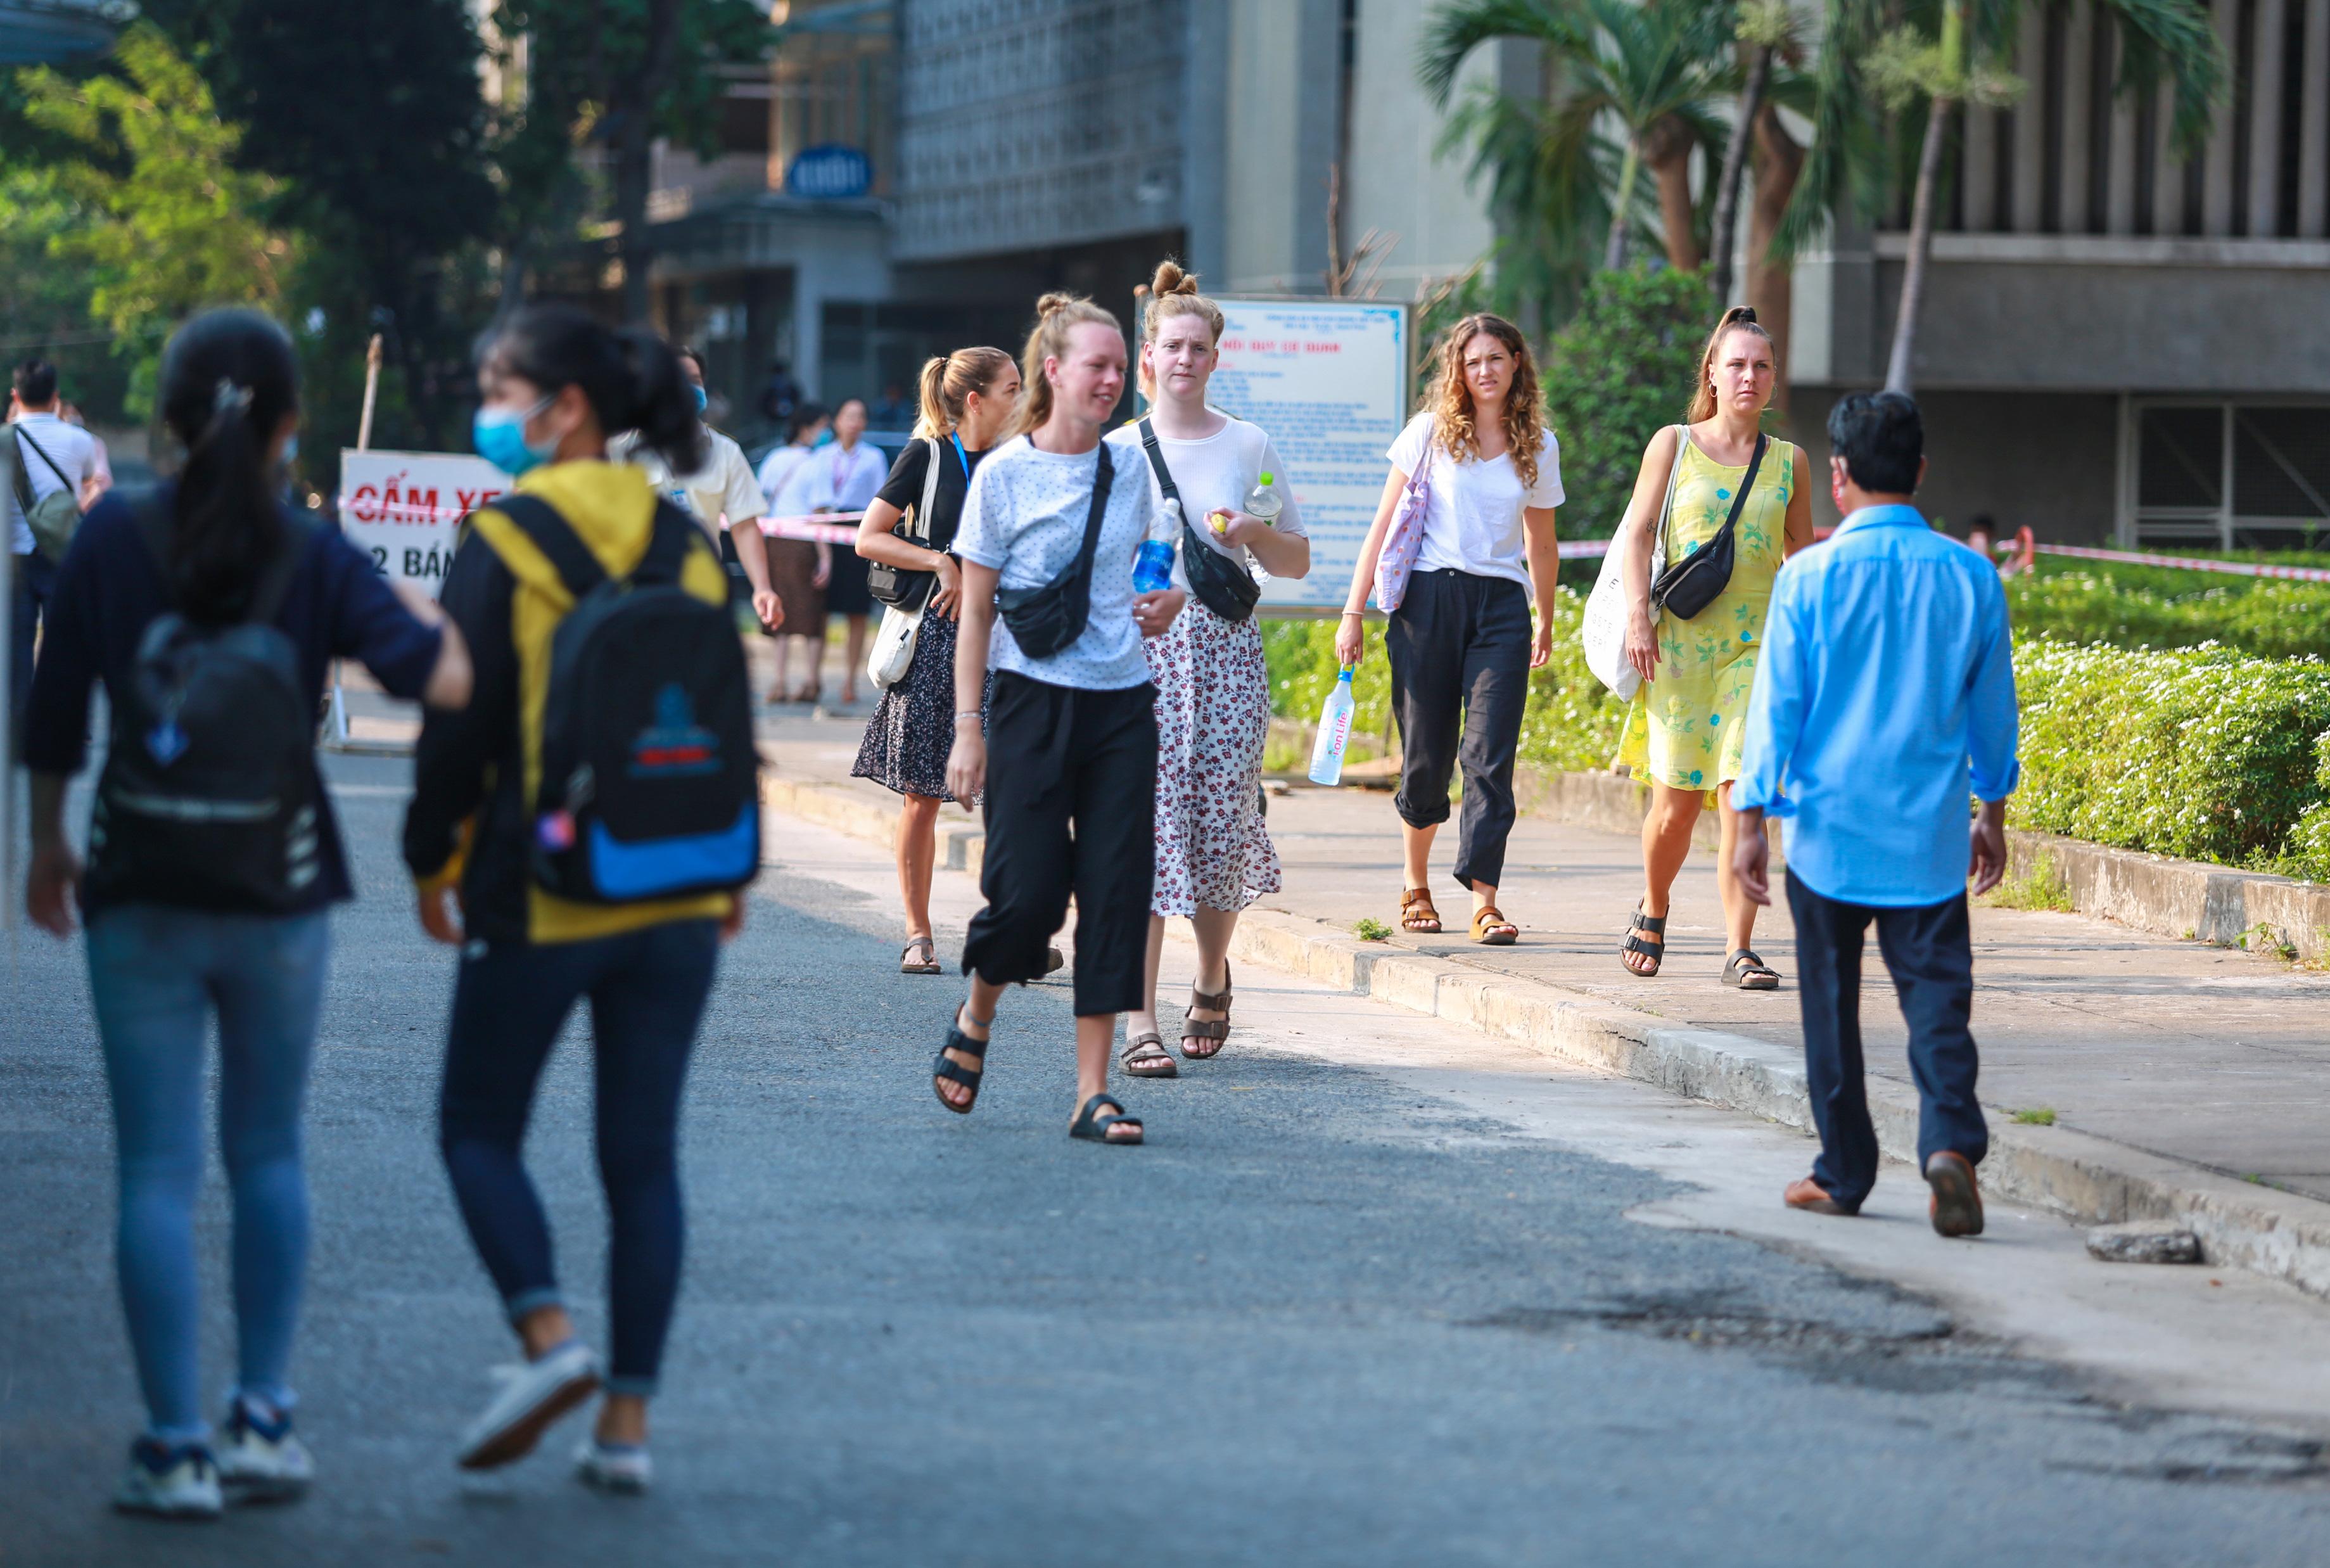 Trường ĐH duy nhất tại TP.HCM trở lại học tập, sinh viên bịt khẩu trang kín mít, kiểm tra nghiêm ngặt khi vào trường - Ảnh 14.